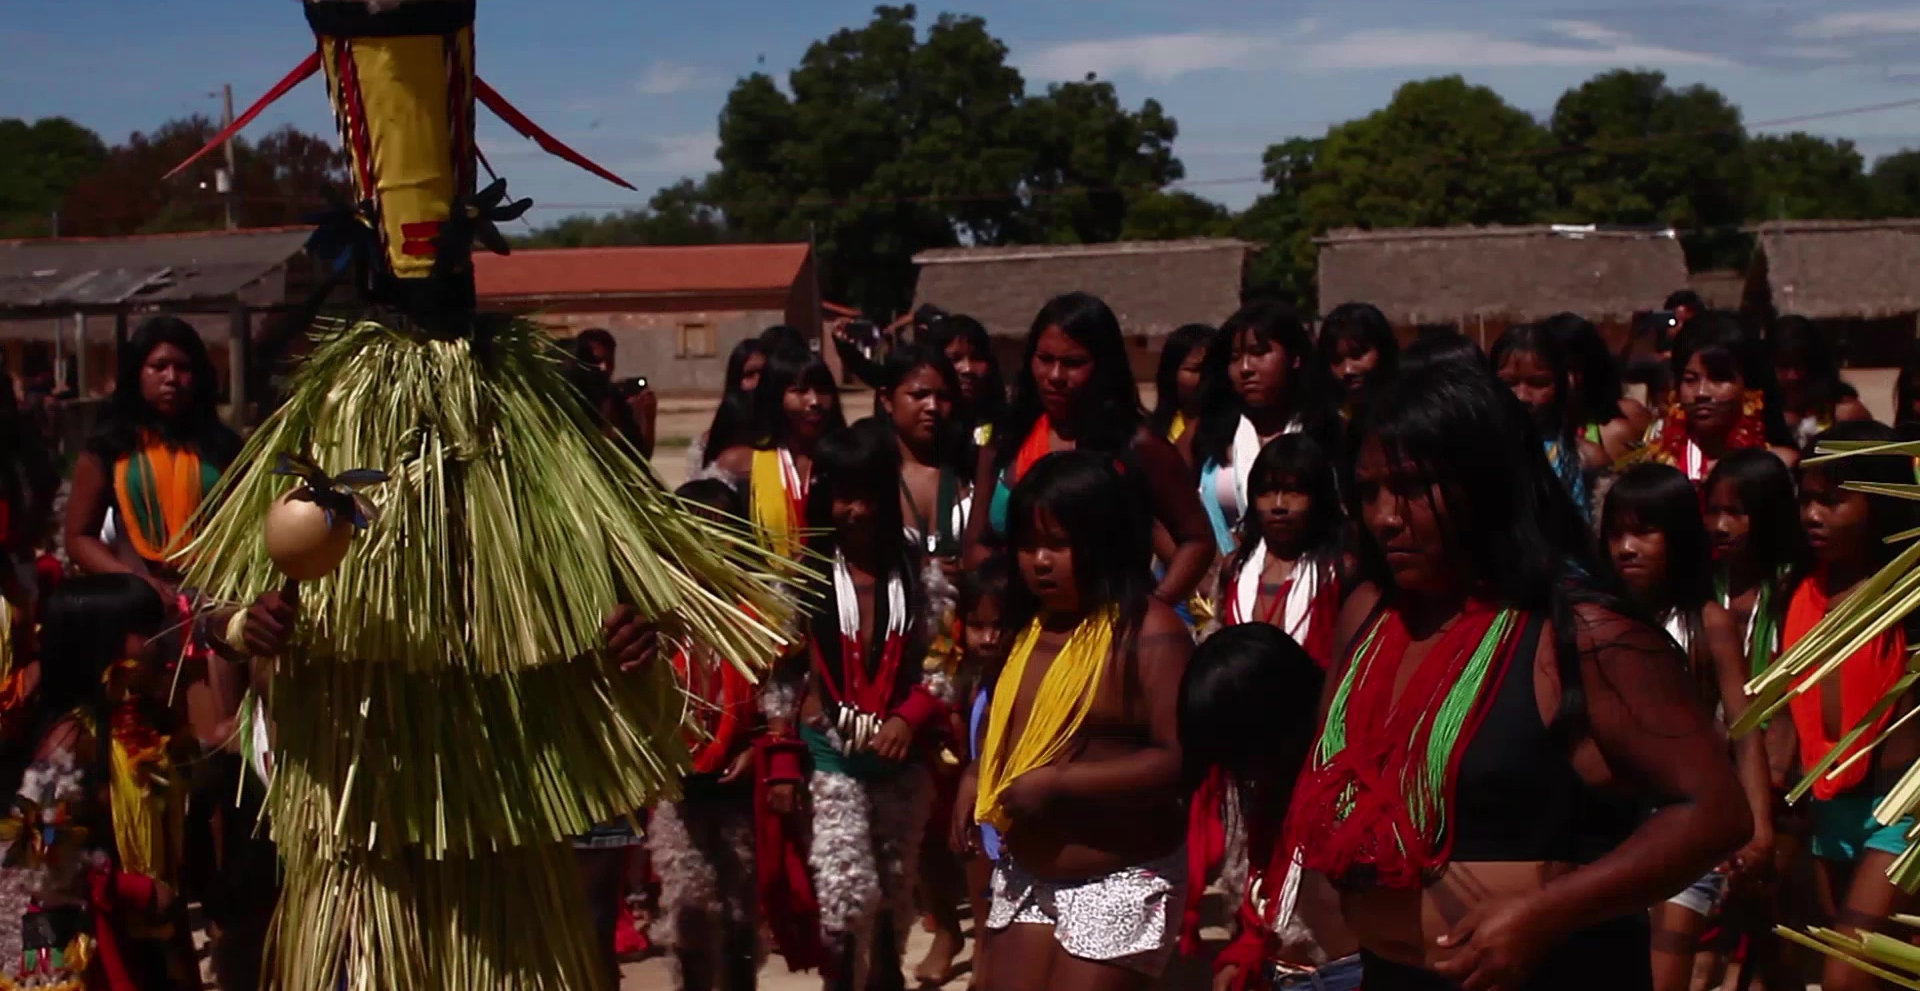 Cena do filme Apyãwa (Tapirapé) Iraxao Rarywa que exibe diversos indígenas, em sua maioria mulheres, vestindo roupas típicas de sua cultura, em volta de uma pessoa que usa uma vestimenta desfiada e toca um chocalho. O fundo é composto por casas, árvores e o céu azul.